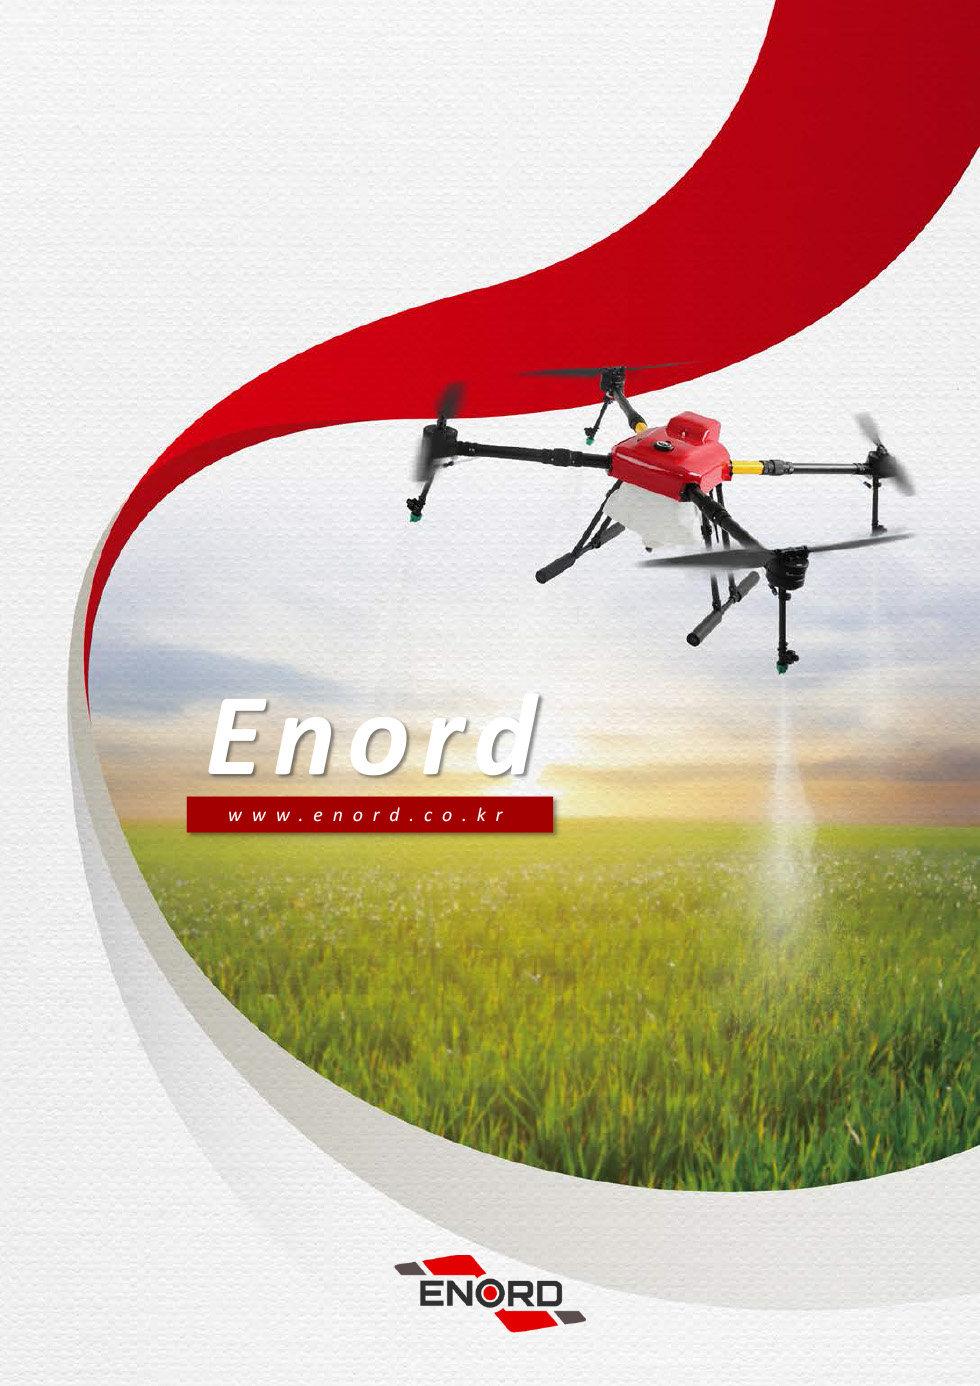 enord_v1-1.jpg